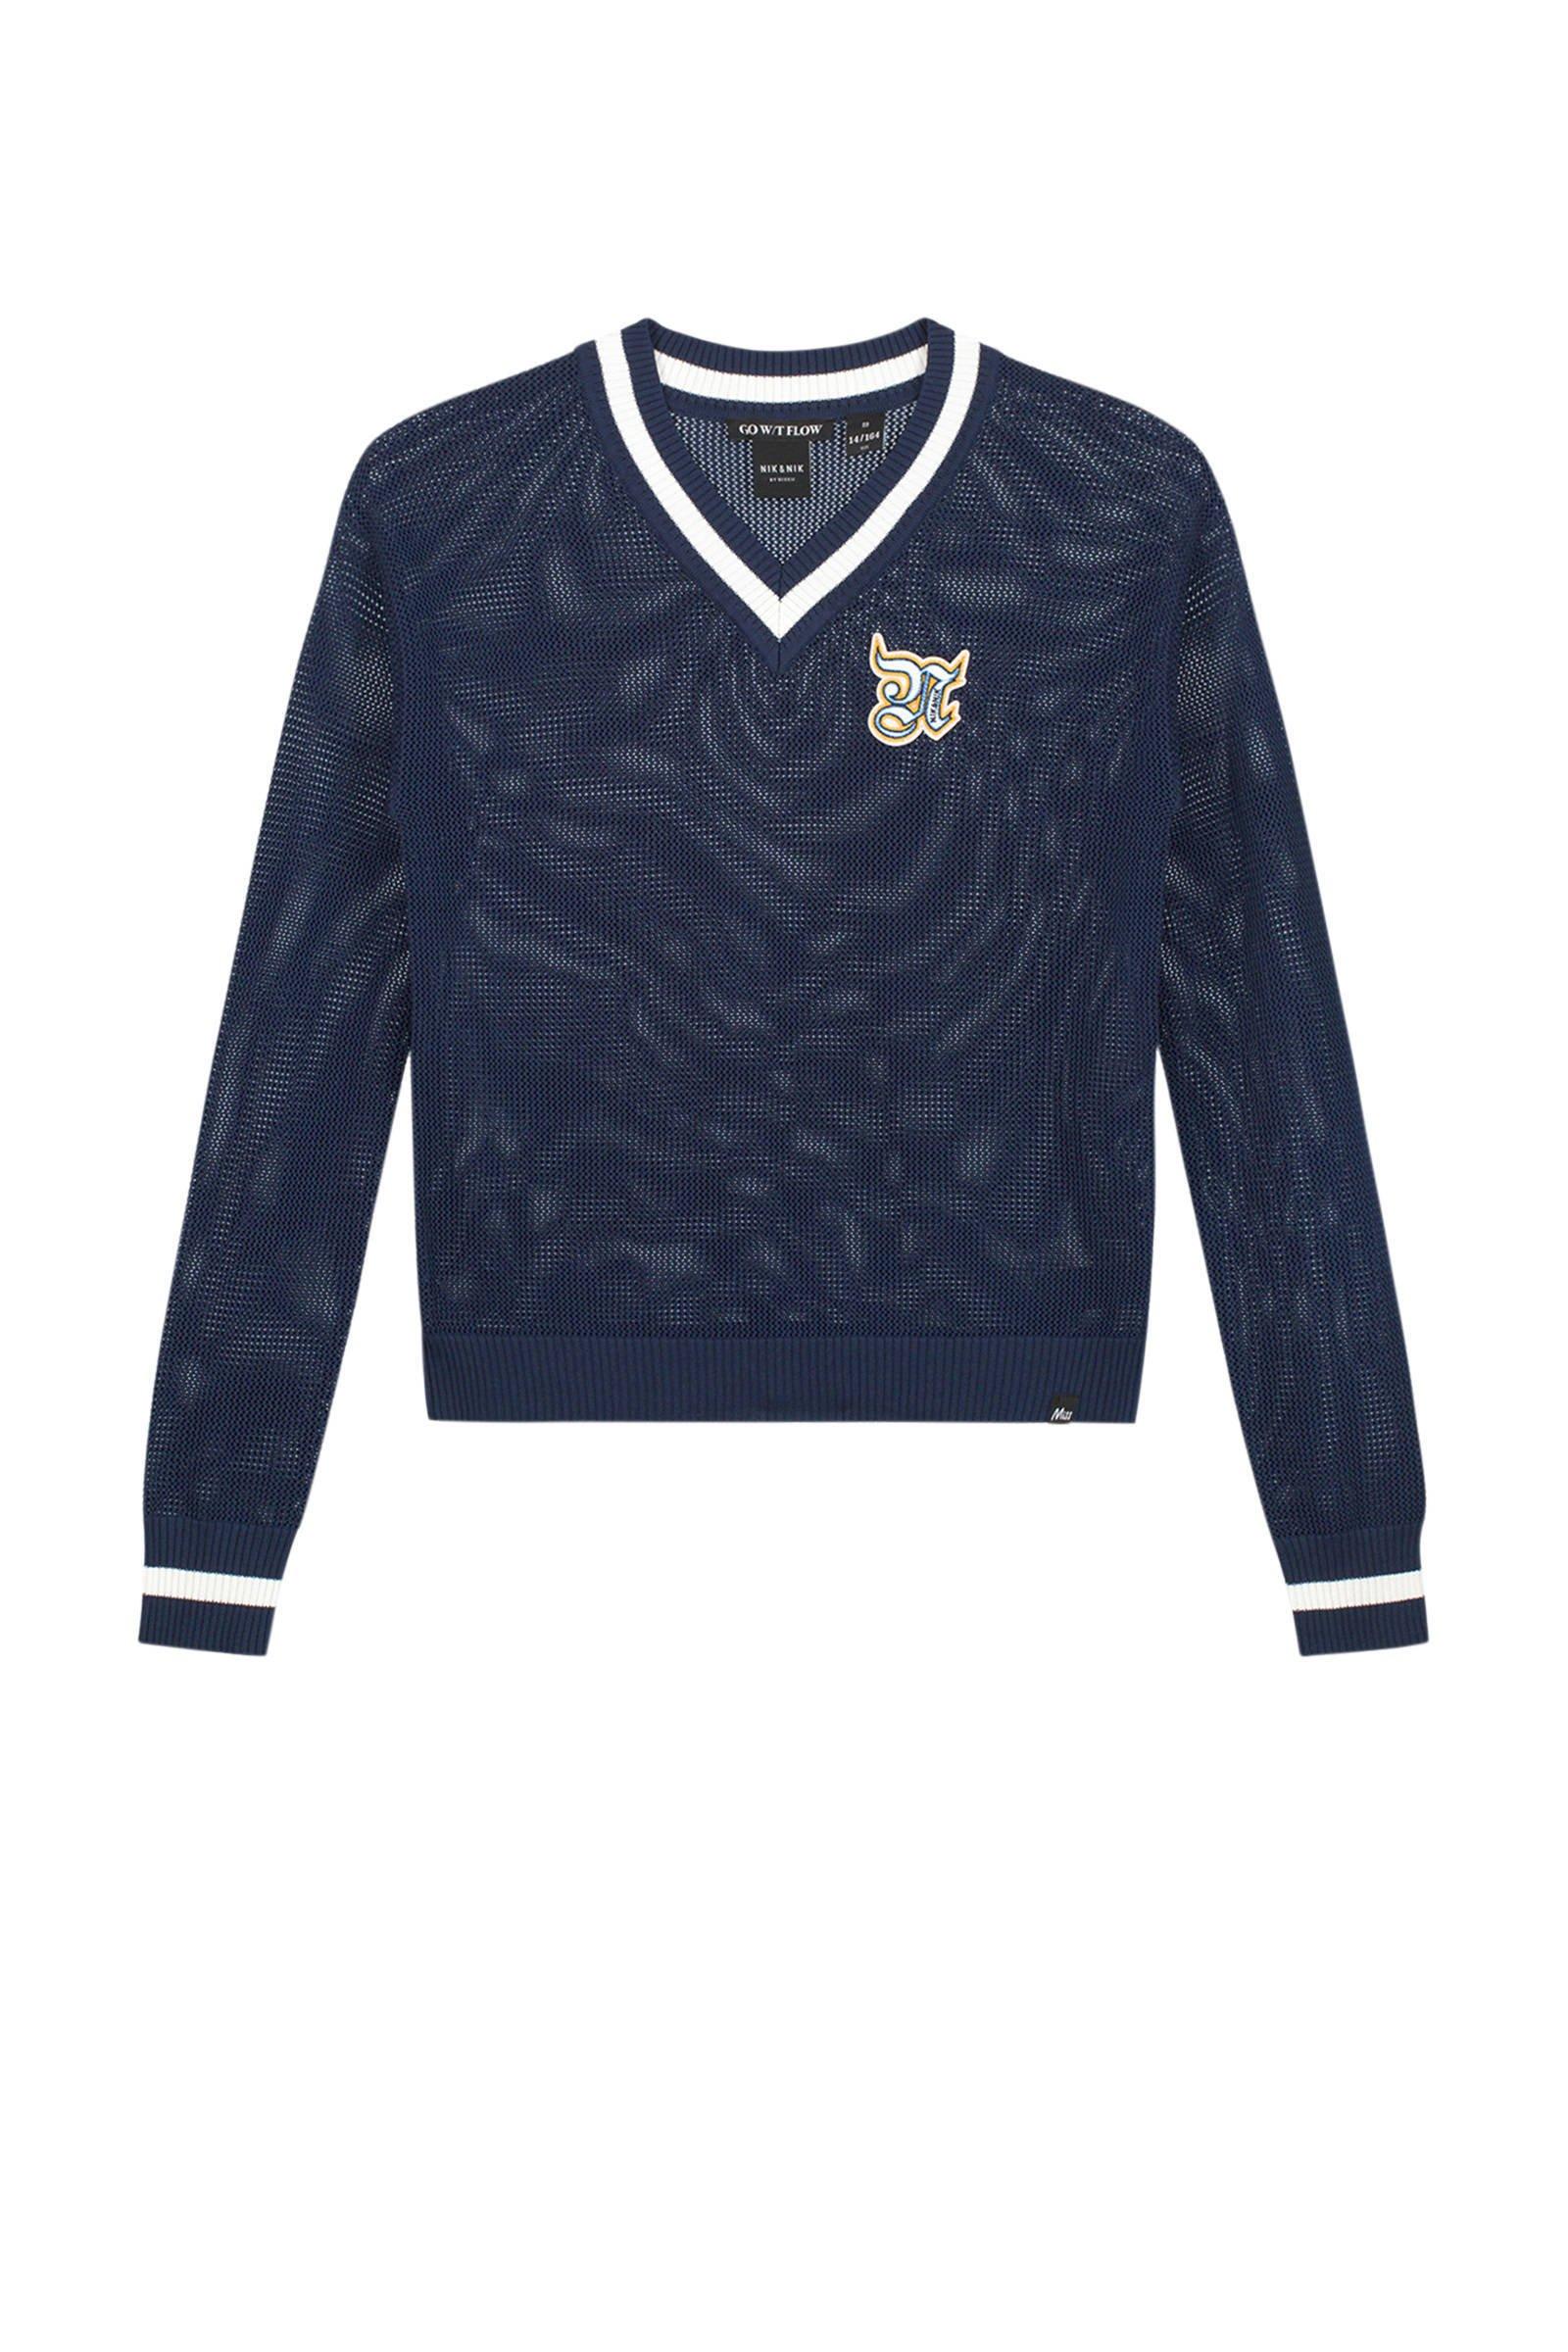 NIK&NIK trui Stanford met logo blauw/wit - maat 164